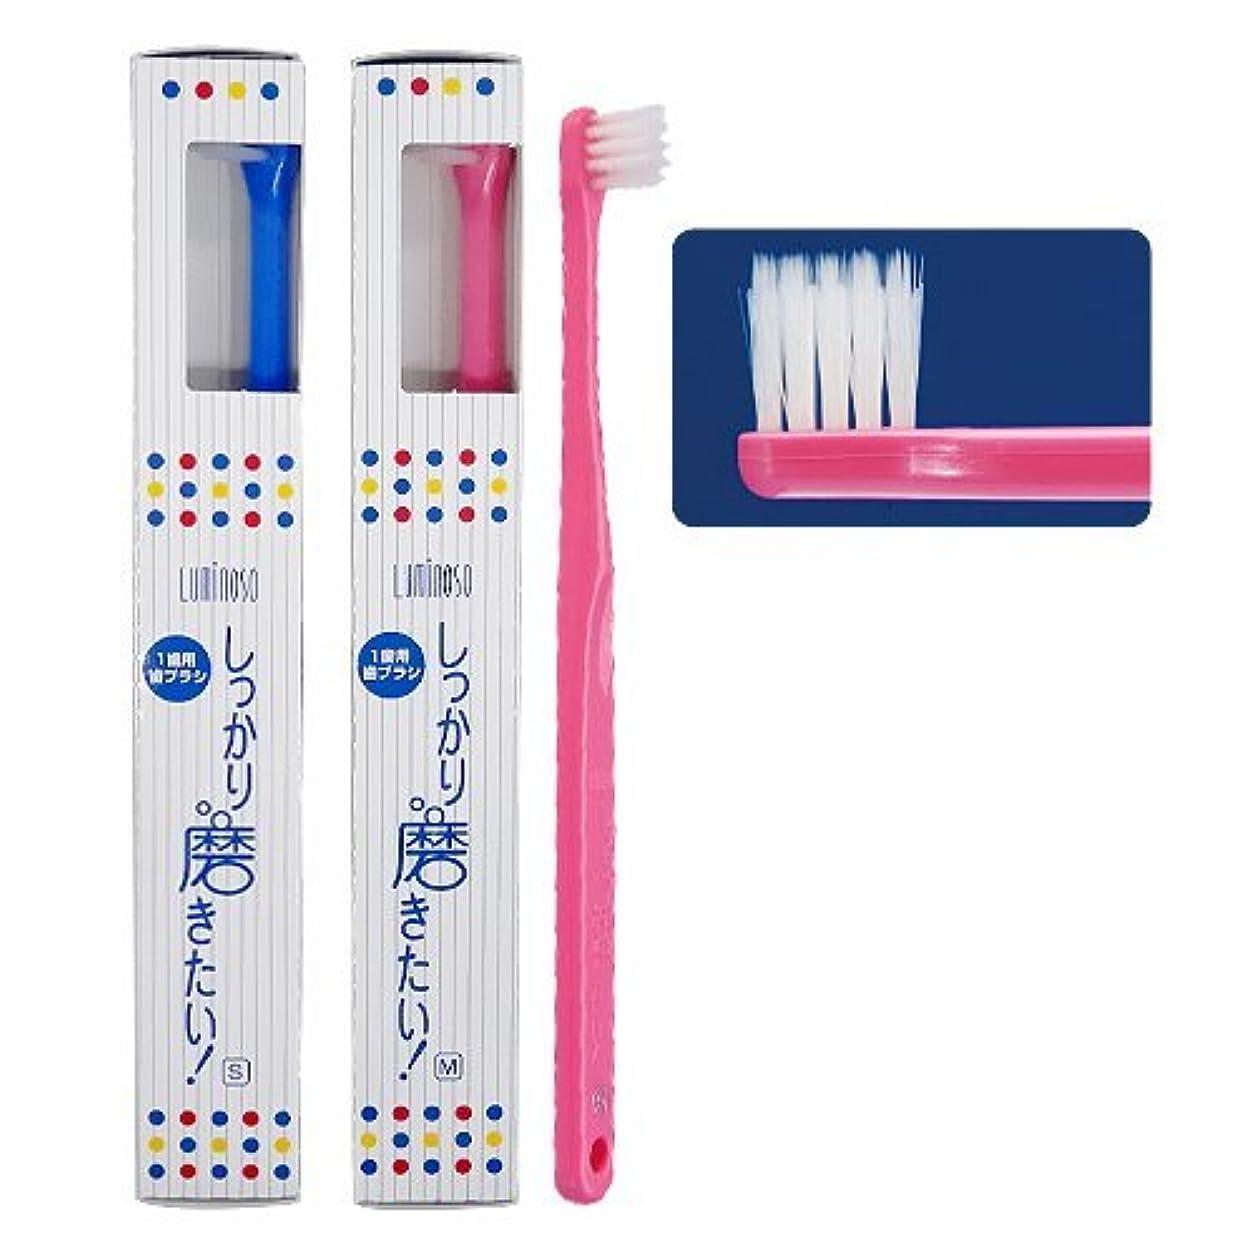 ビルマパール事件、出来事ルミノソ 1歯用歯ブラシ「しっかり磨きたい!」スタンダード ソフト (カラー指定不可) 5本